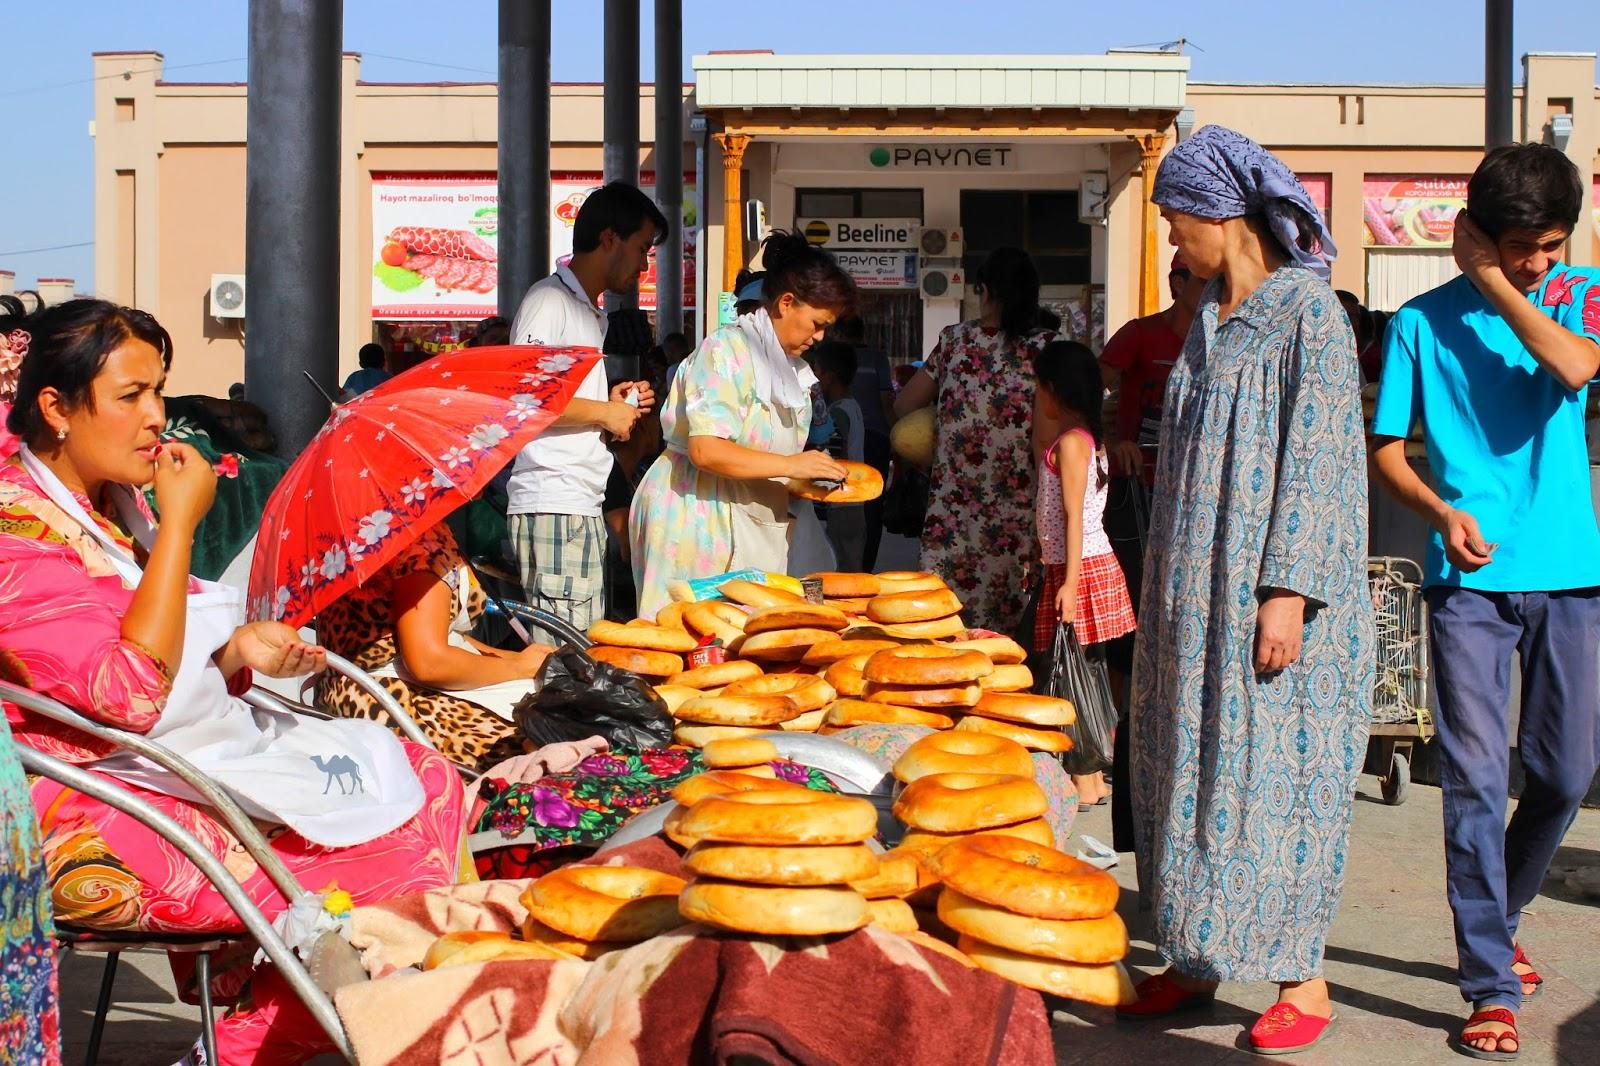 Le Chameau Bleu - Vendeuse de pain au bazar de Samarcande - Ouzbékistan